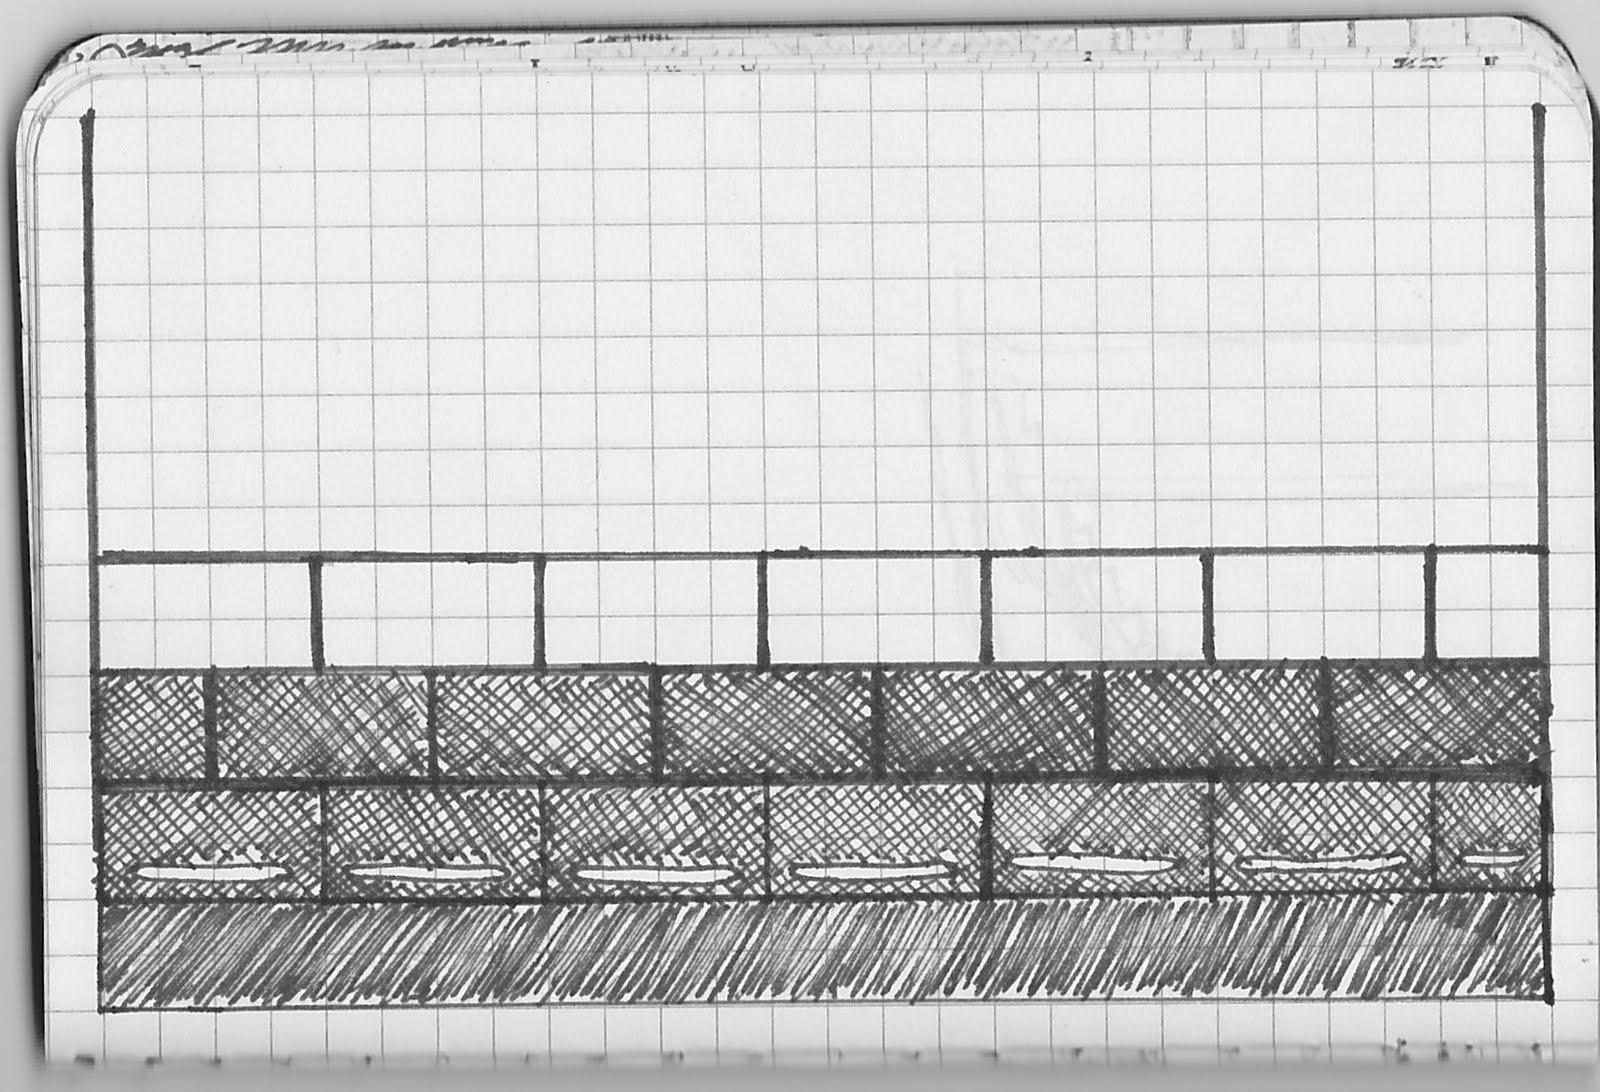 Sketch rencontre boite de nuit